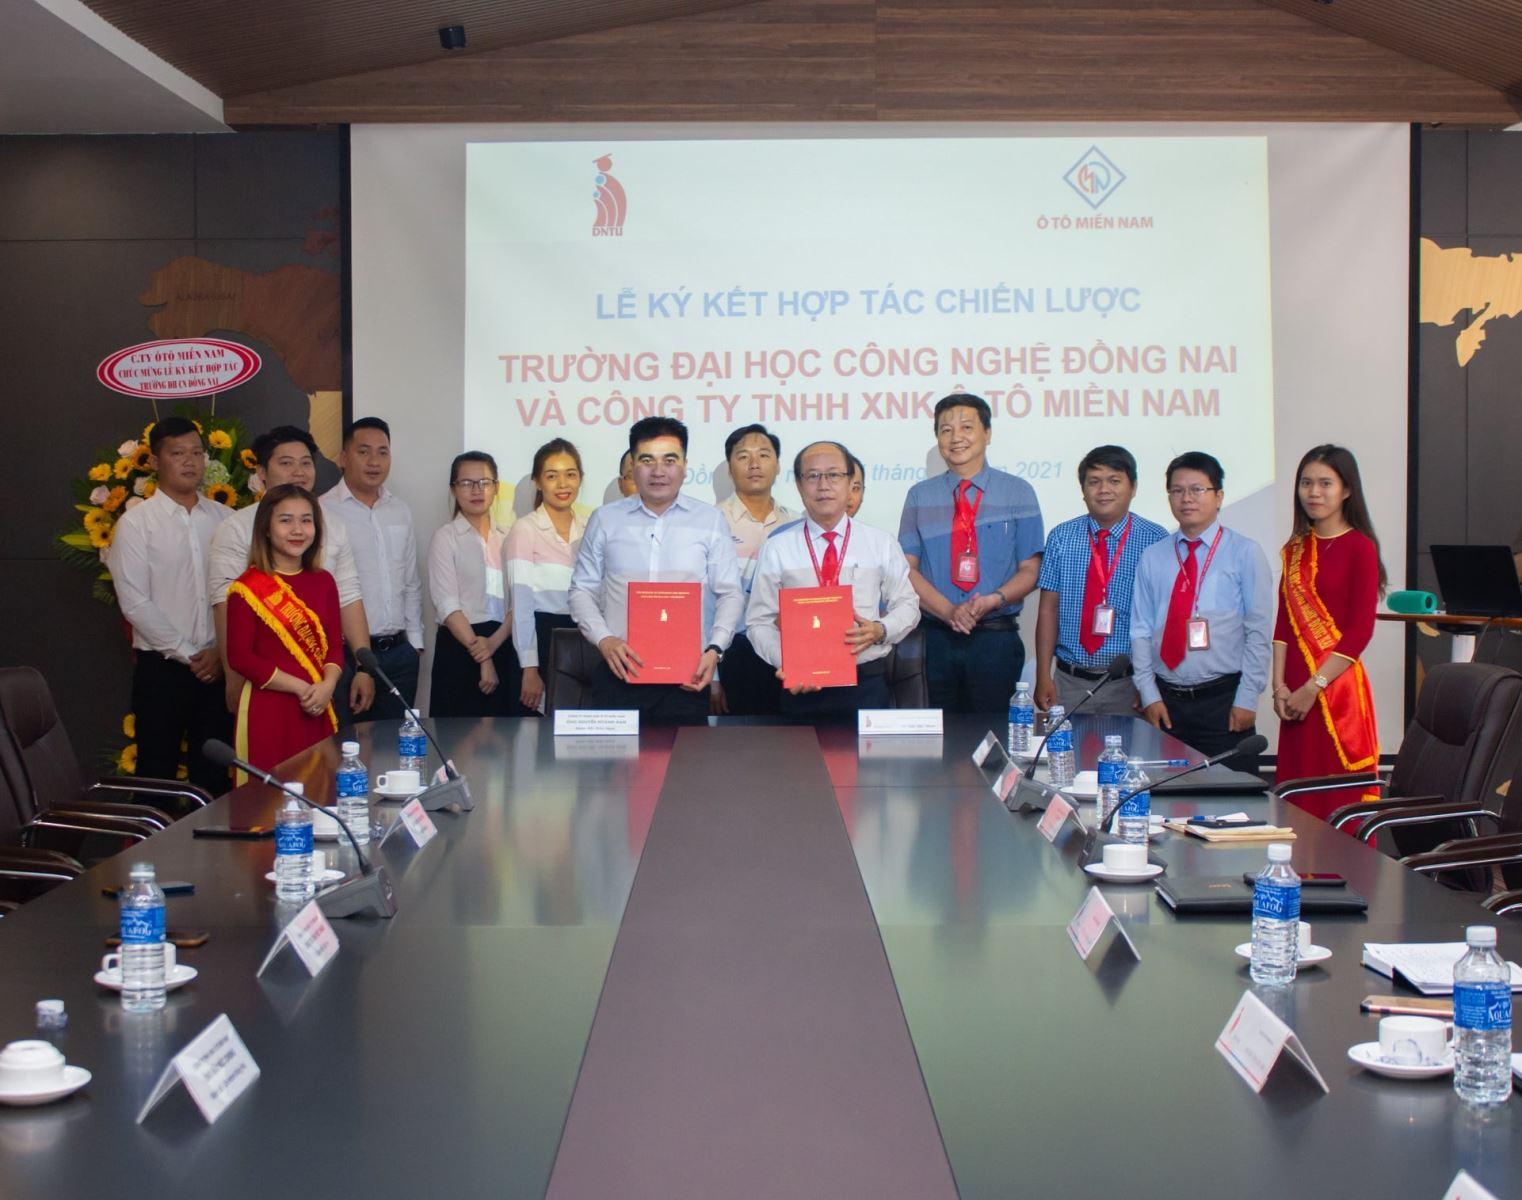 Ký kết hợp tác chiến lược giữa Trường Đại học Công nghệ Công nghệ Đồng Nai và Công ty TNHH XNK Ô tô Miền Nam